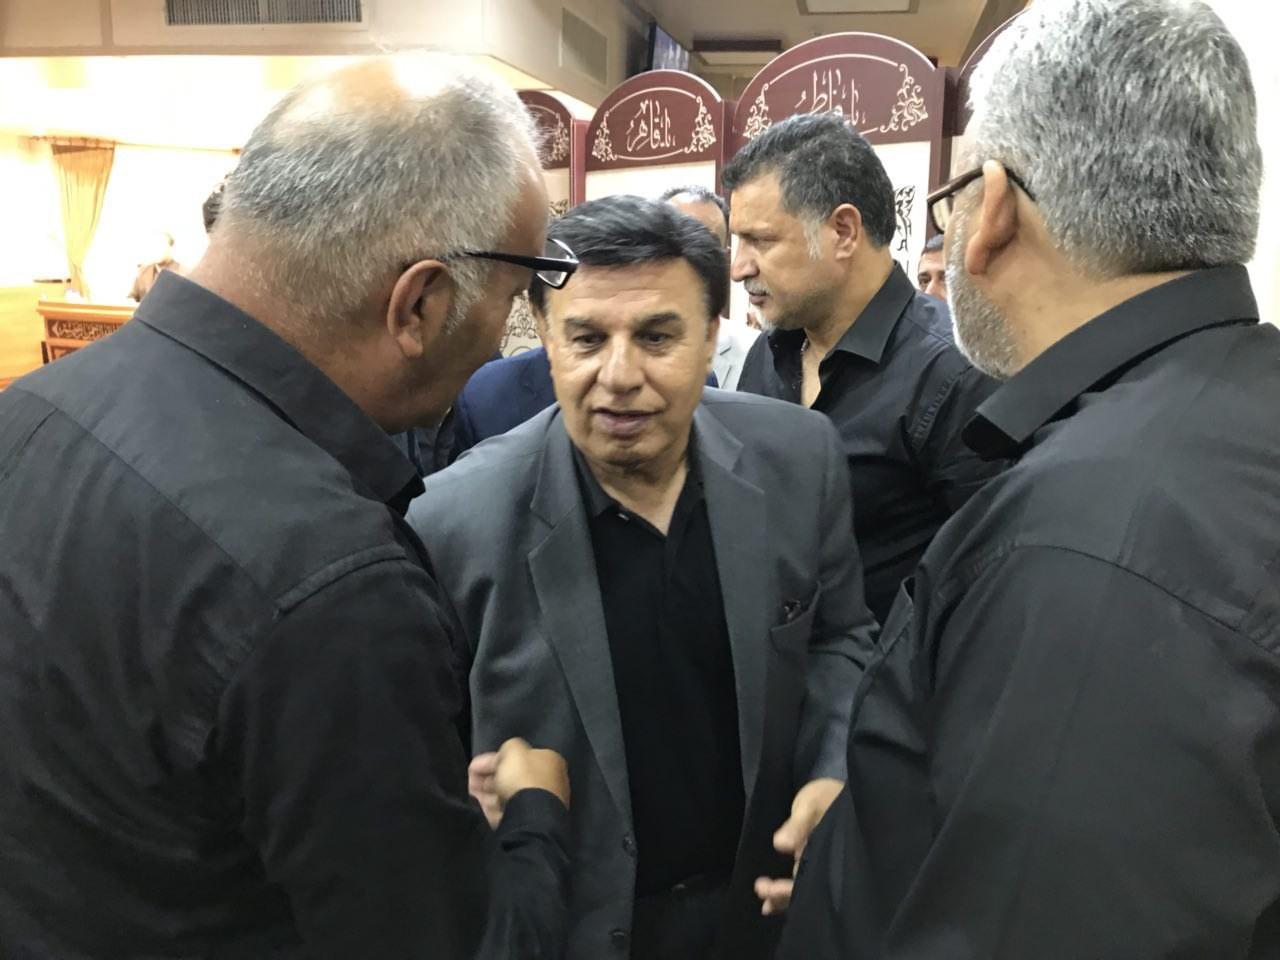 سومین روز مراسم درگذشت ستایش فرکی برگزار شد